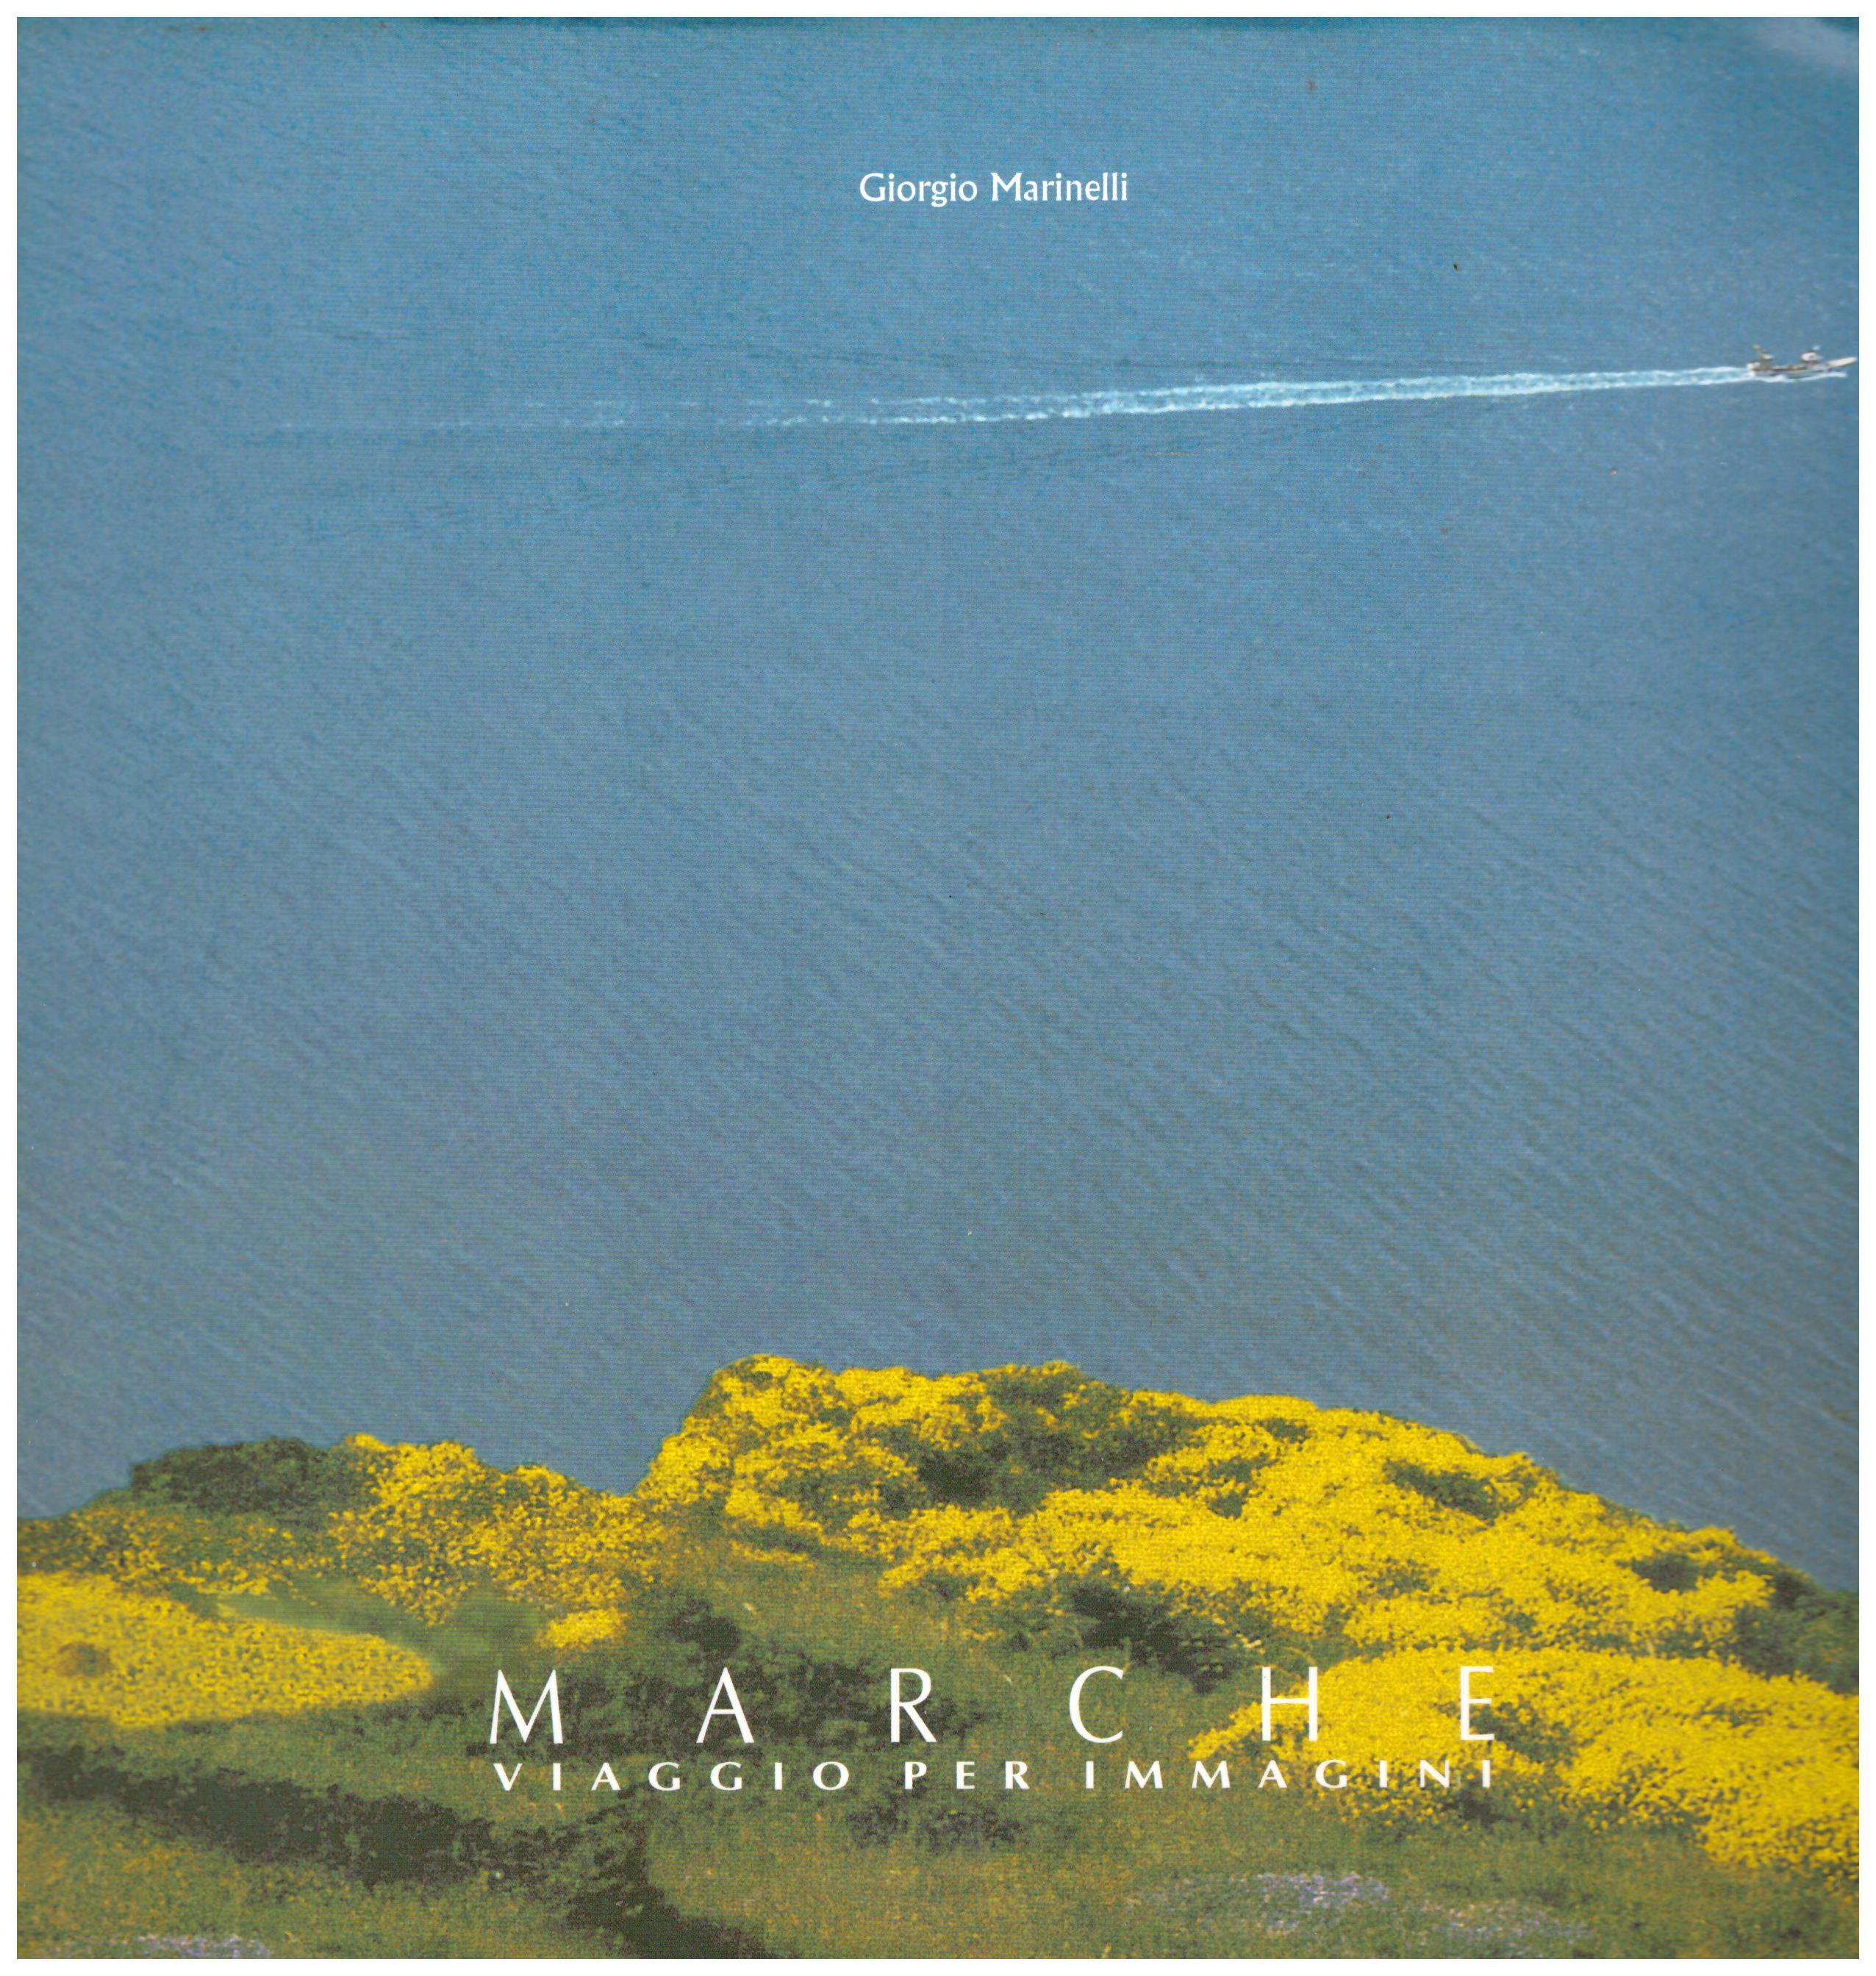 Titolo: Marche, viaggio per immagini     Autore: Giorgio Marinelli    Editore: Sagraf